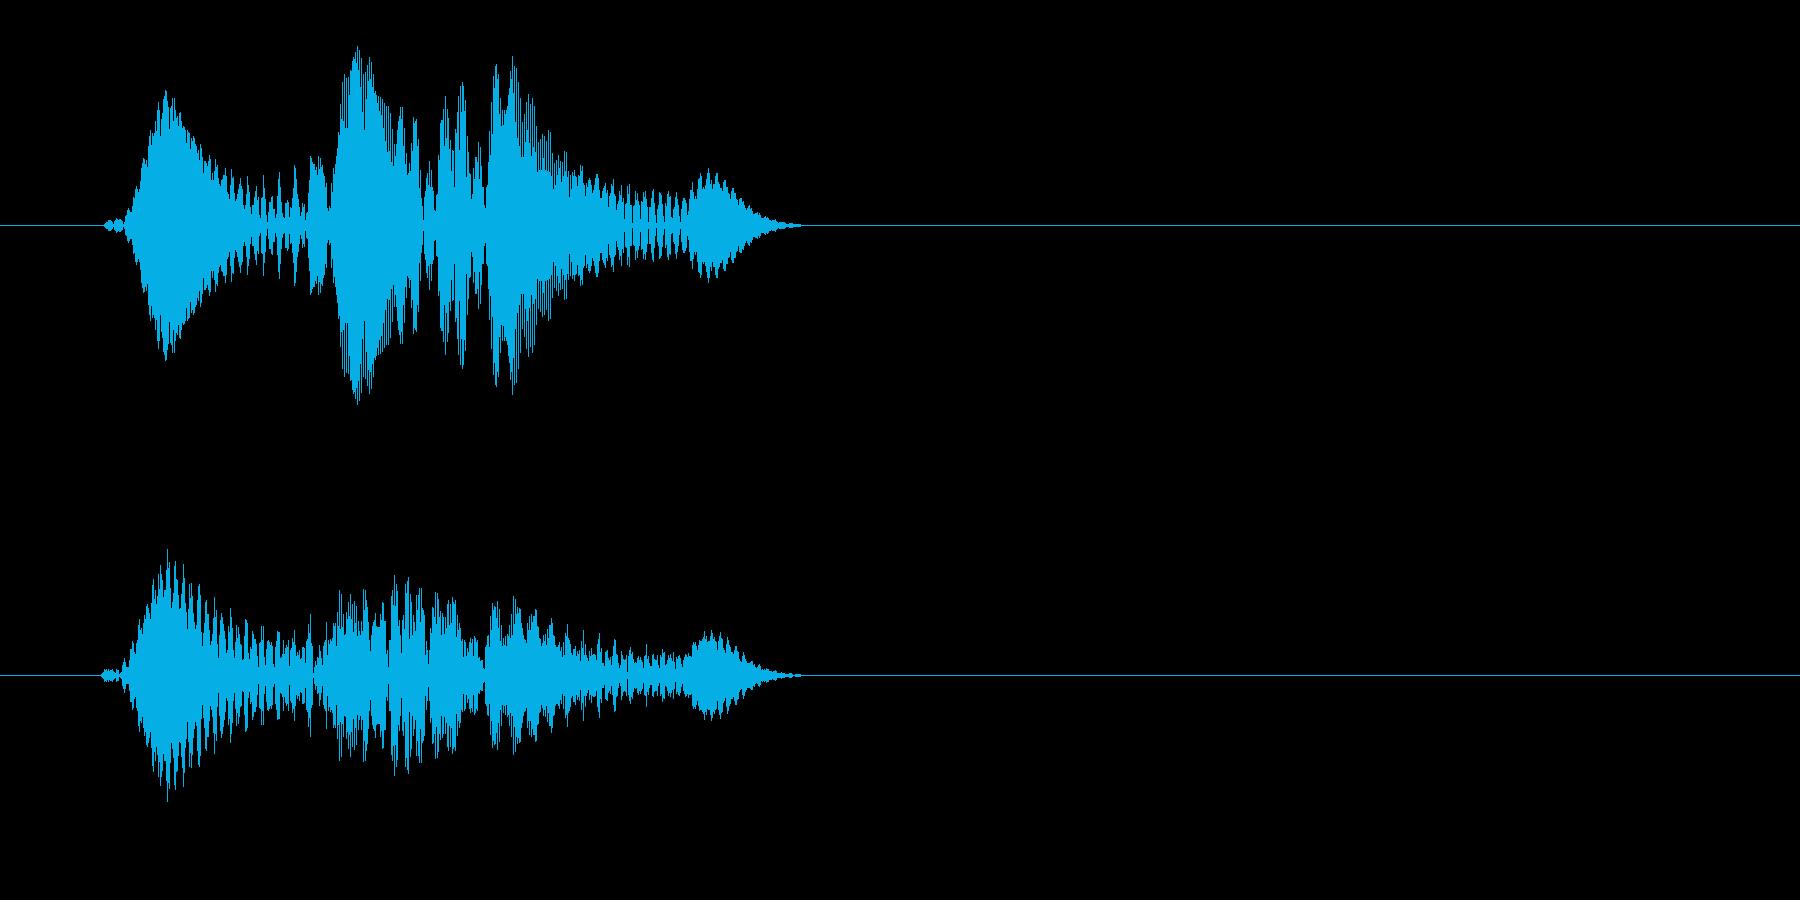 チュエッ(ボタン音)の再生済みの波形